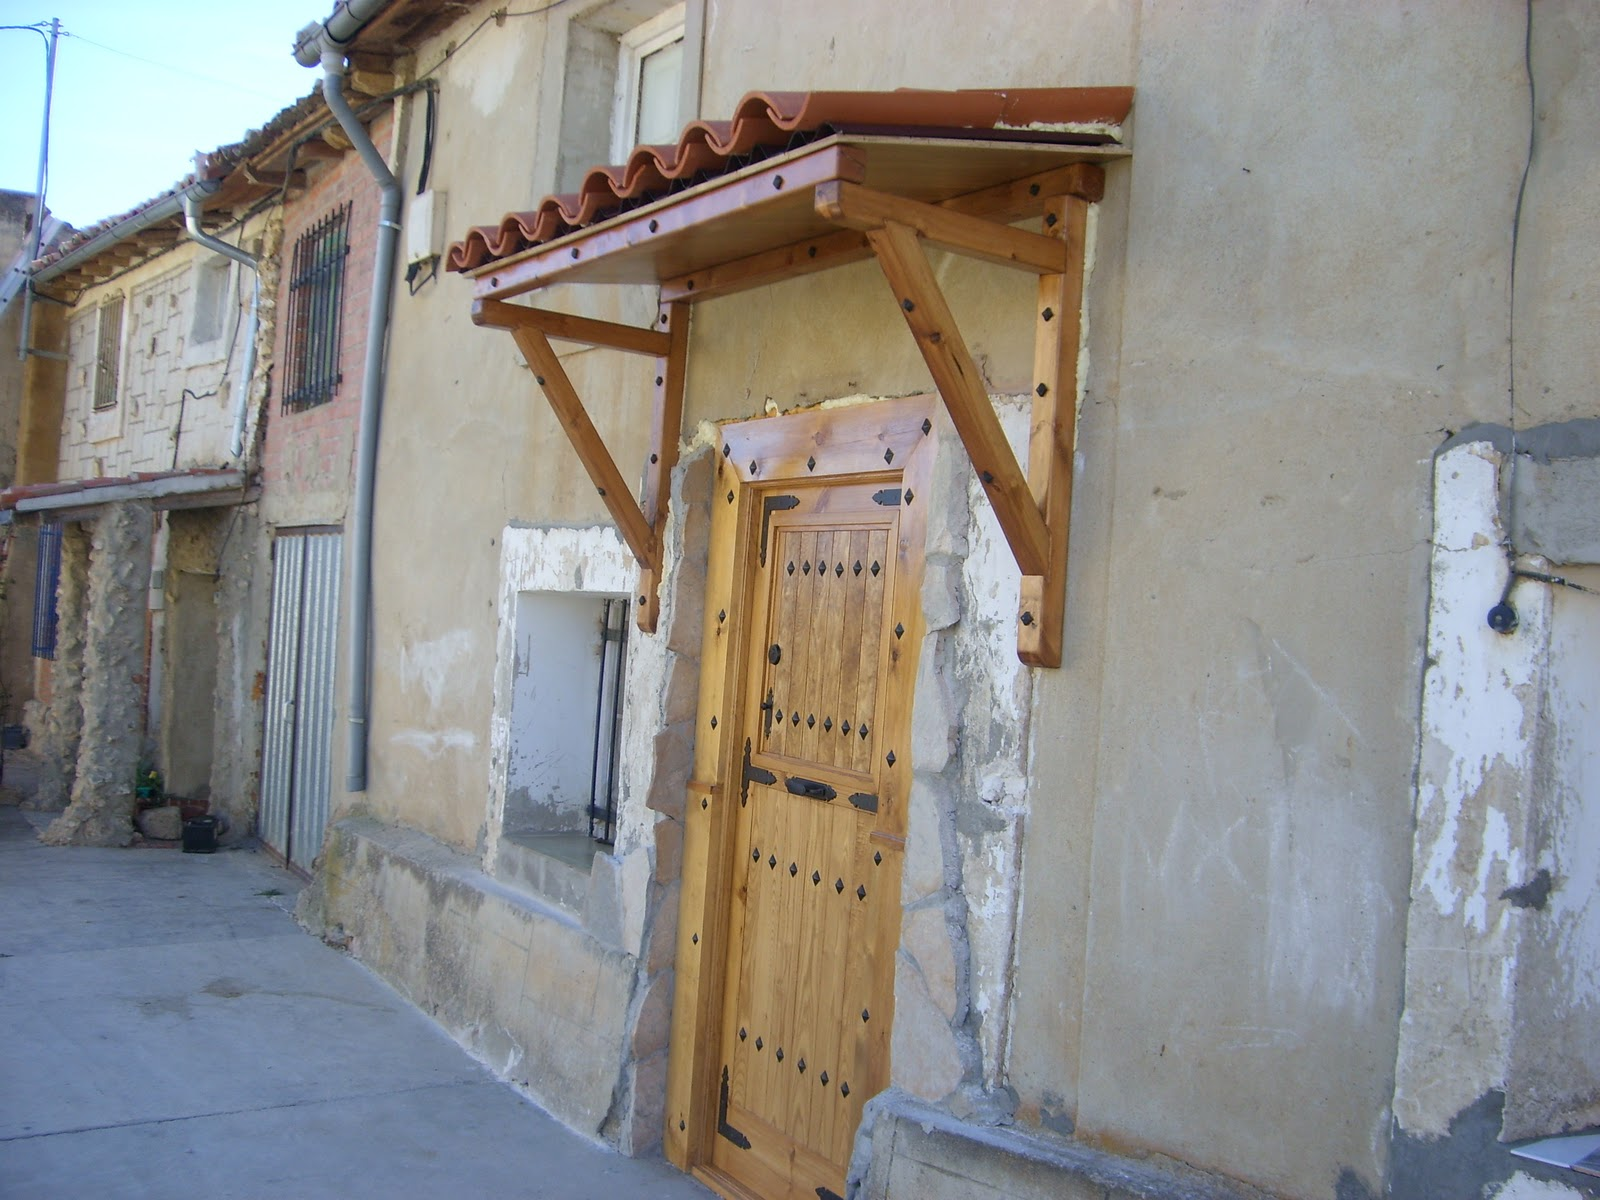 modifica tu casa tejado sobre puerta de entrada